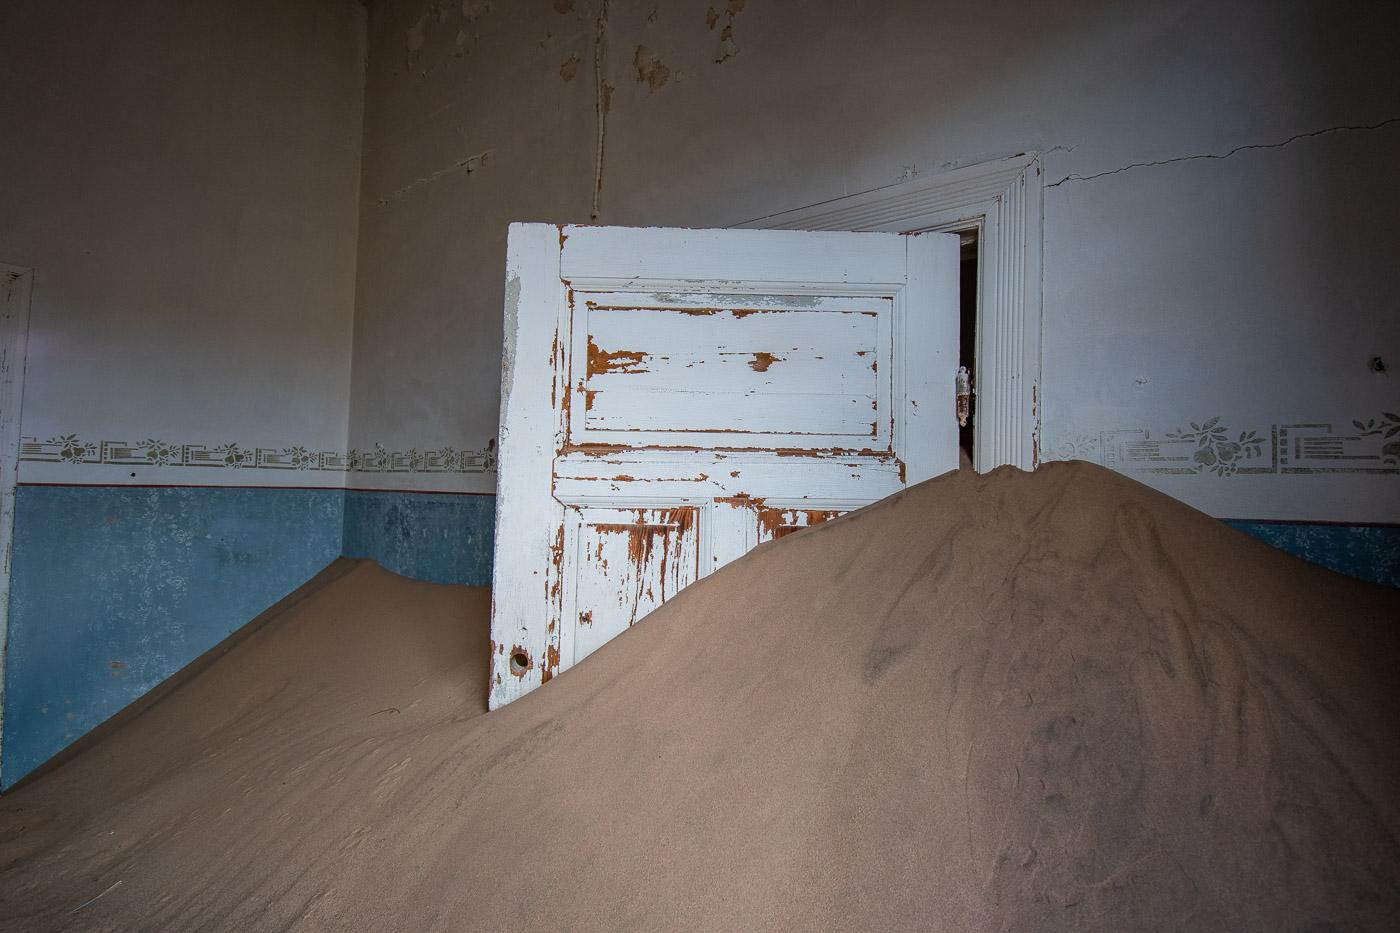 kolmanskop in namibie spookstad-8